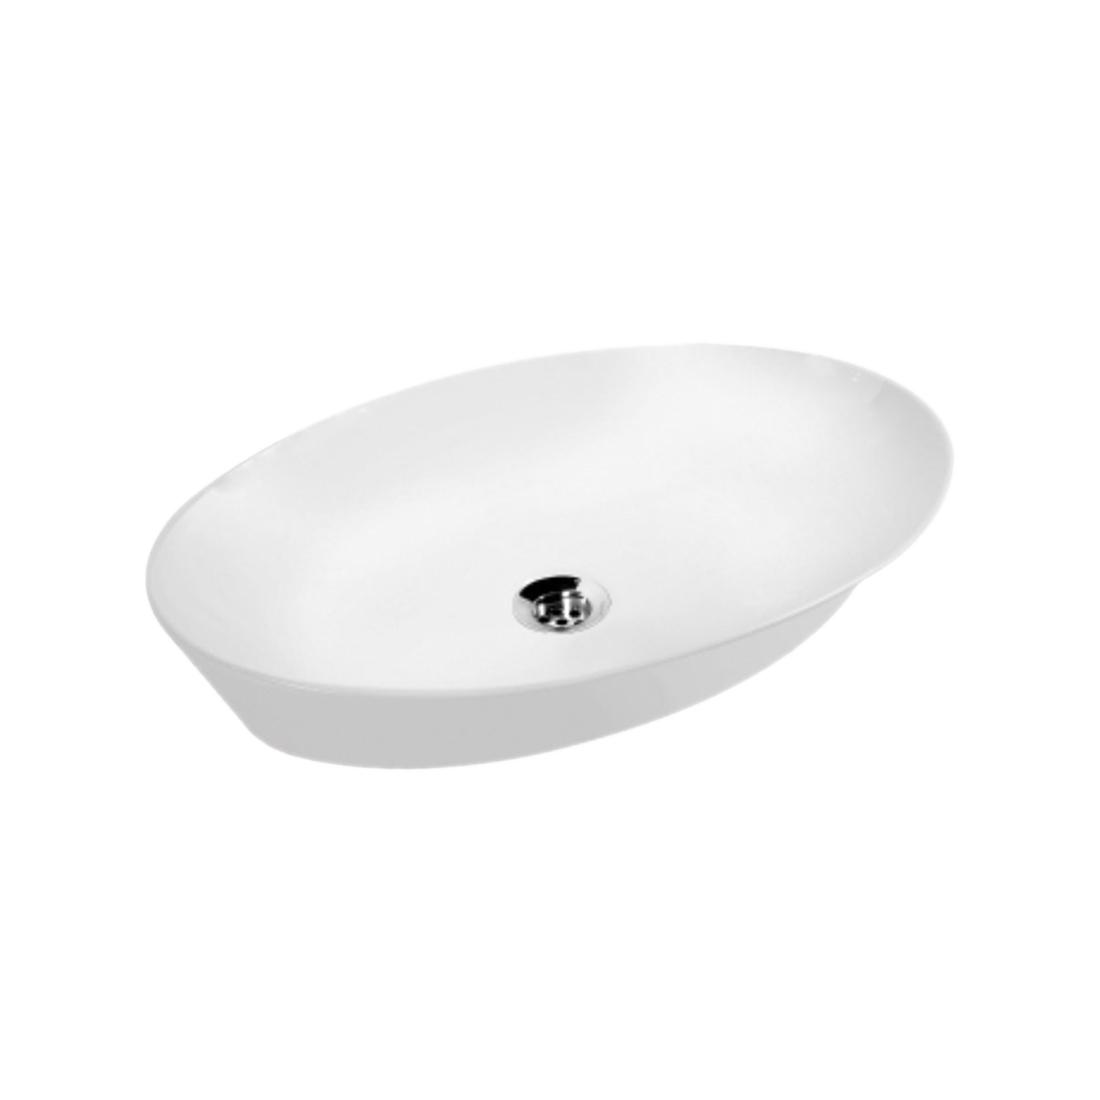 Kerovit Myra KB284 Thin Rim Counter Top Wash Basin